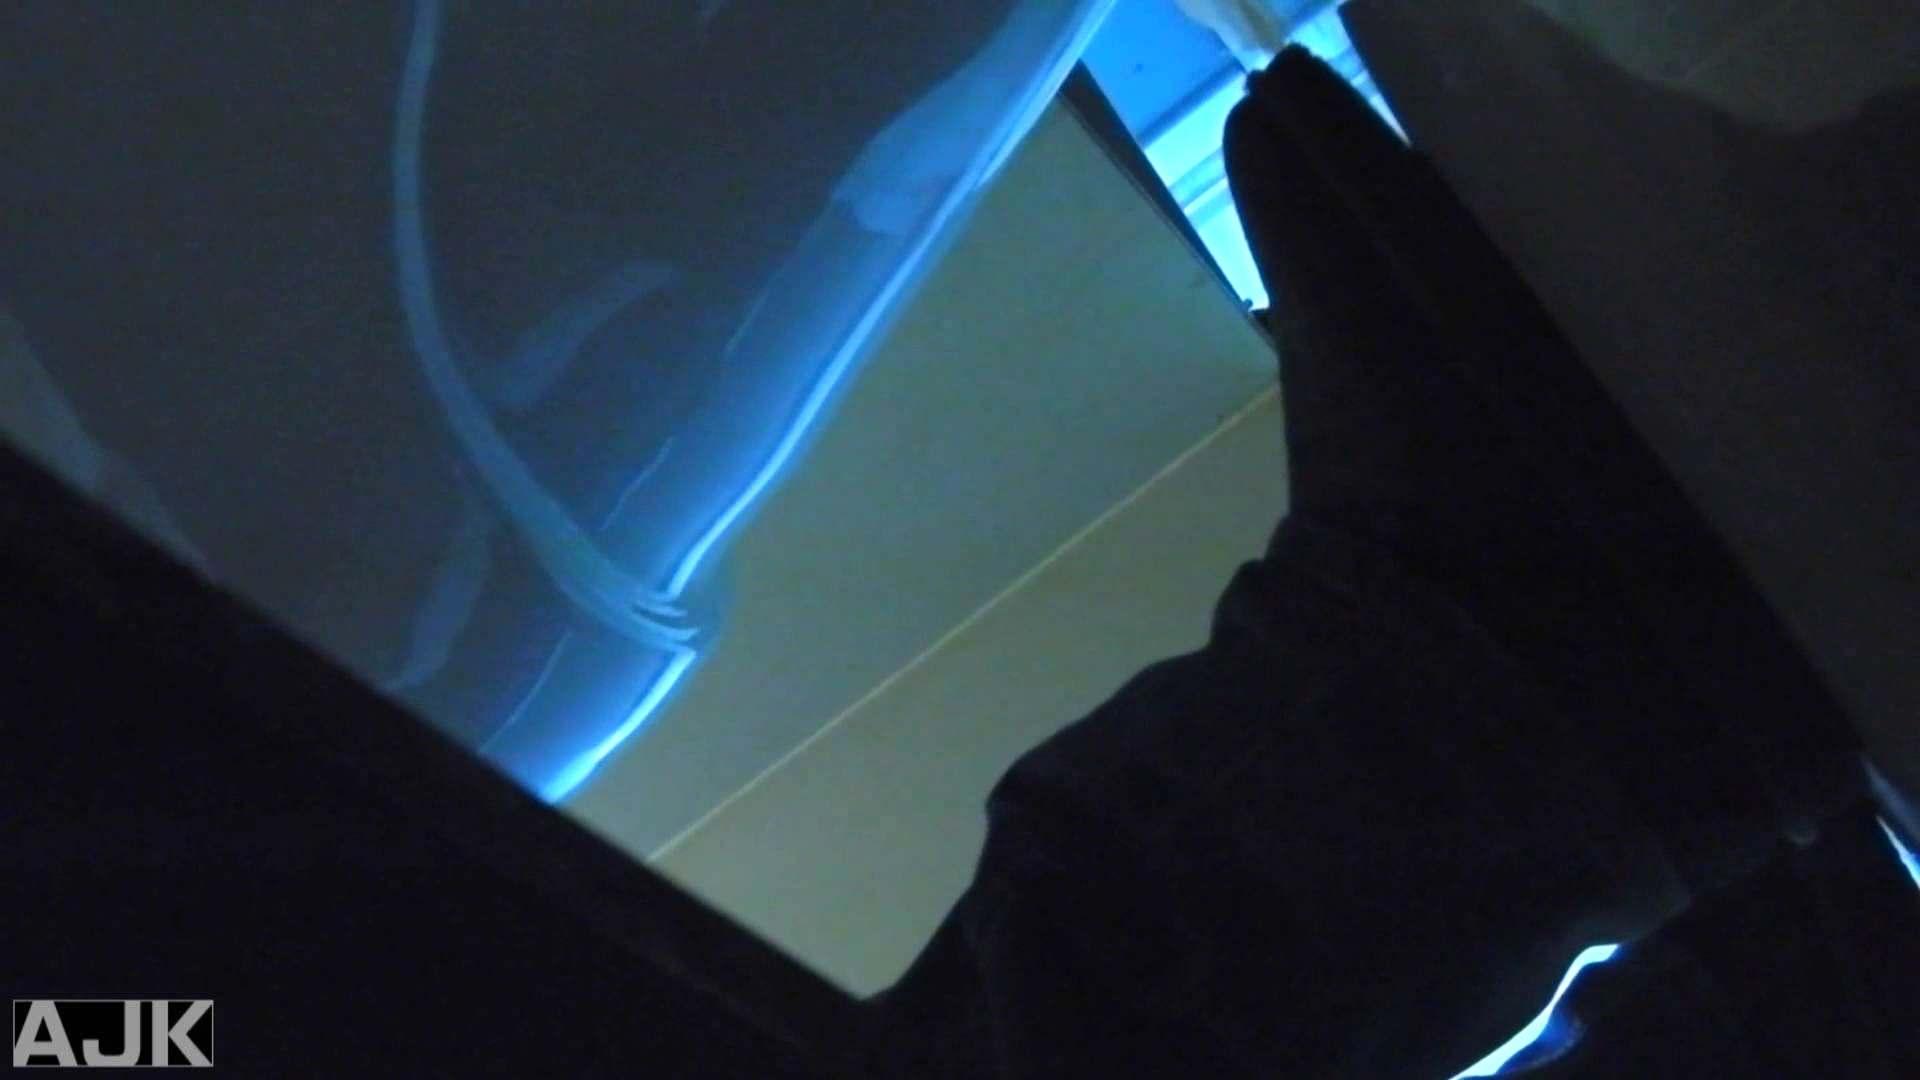 隣国上階級エリアの令嬢たちが集うデパートお手洗い Vol.22 0  38連発 15